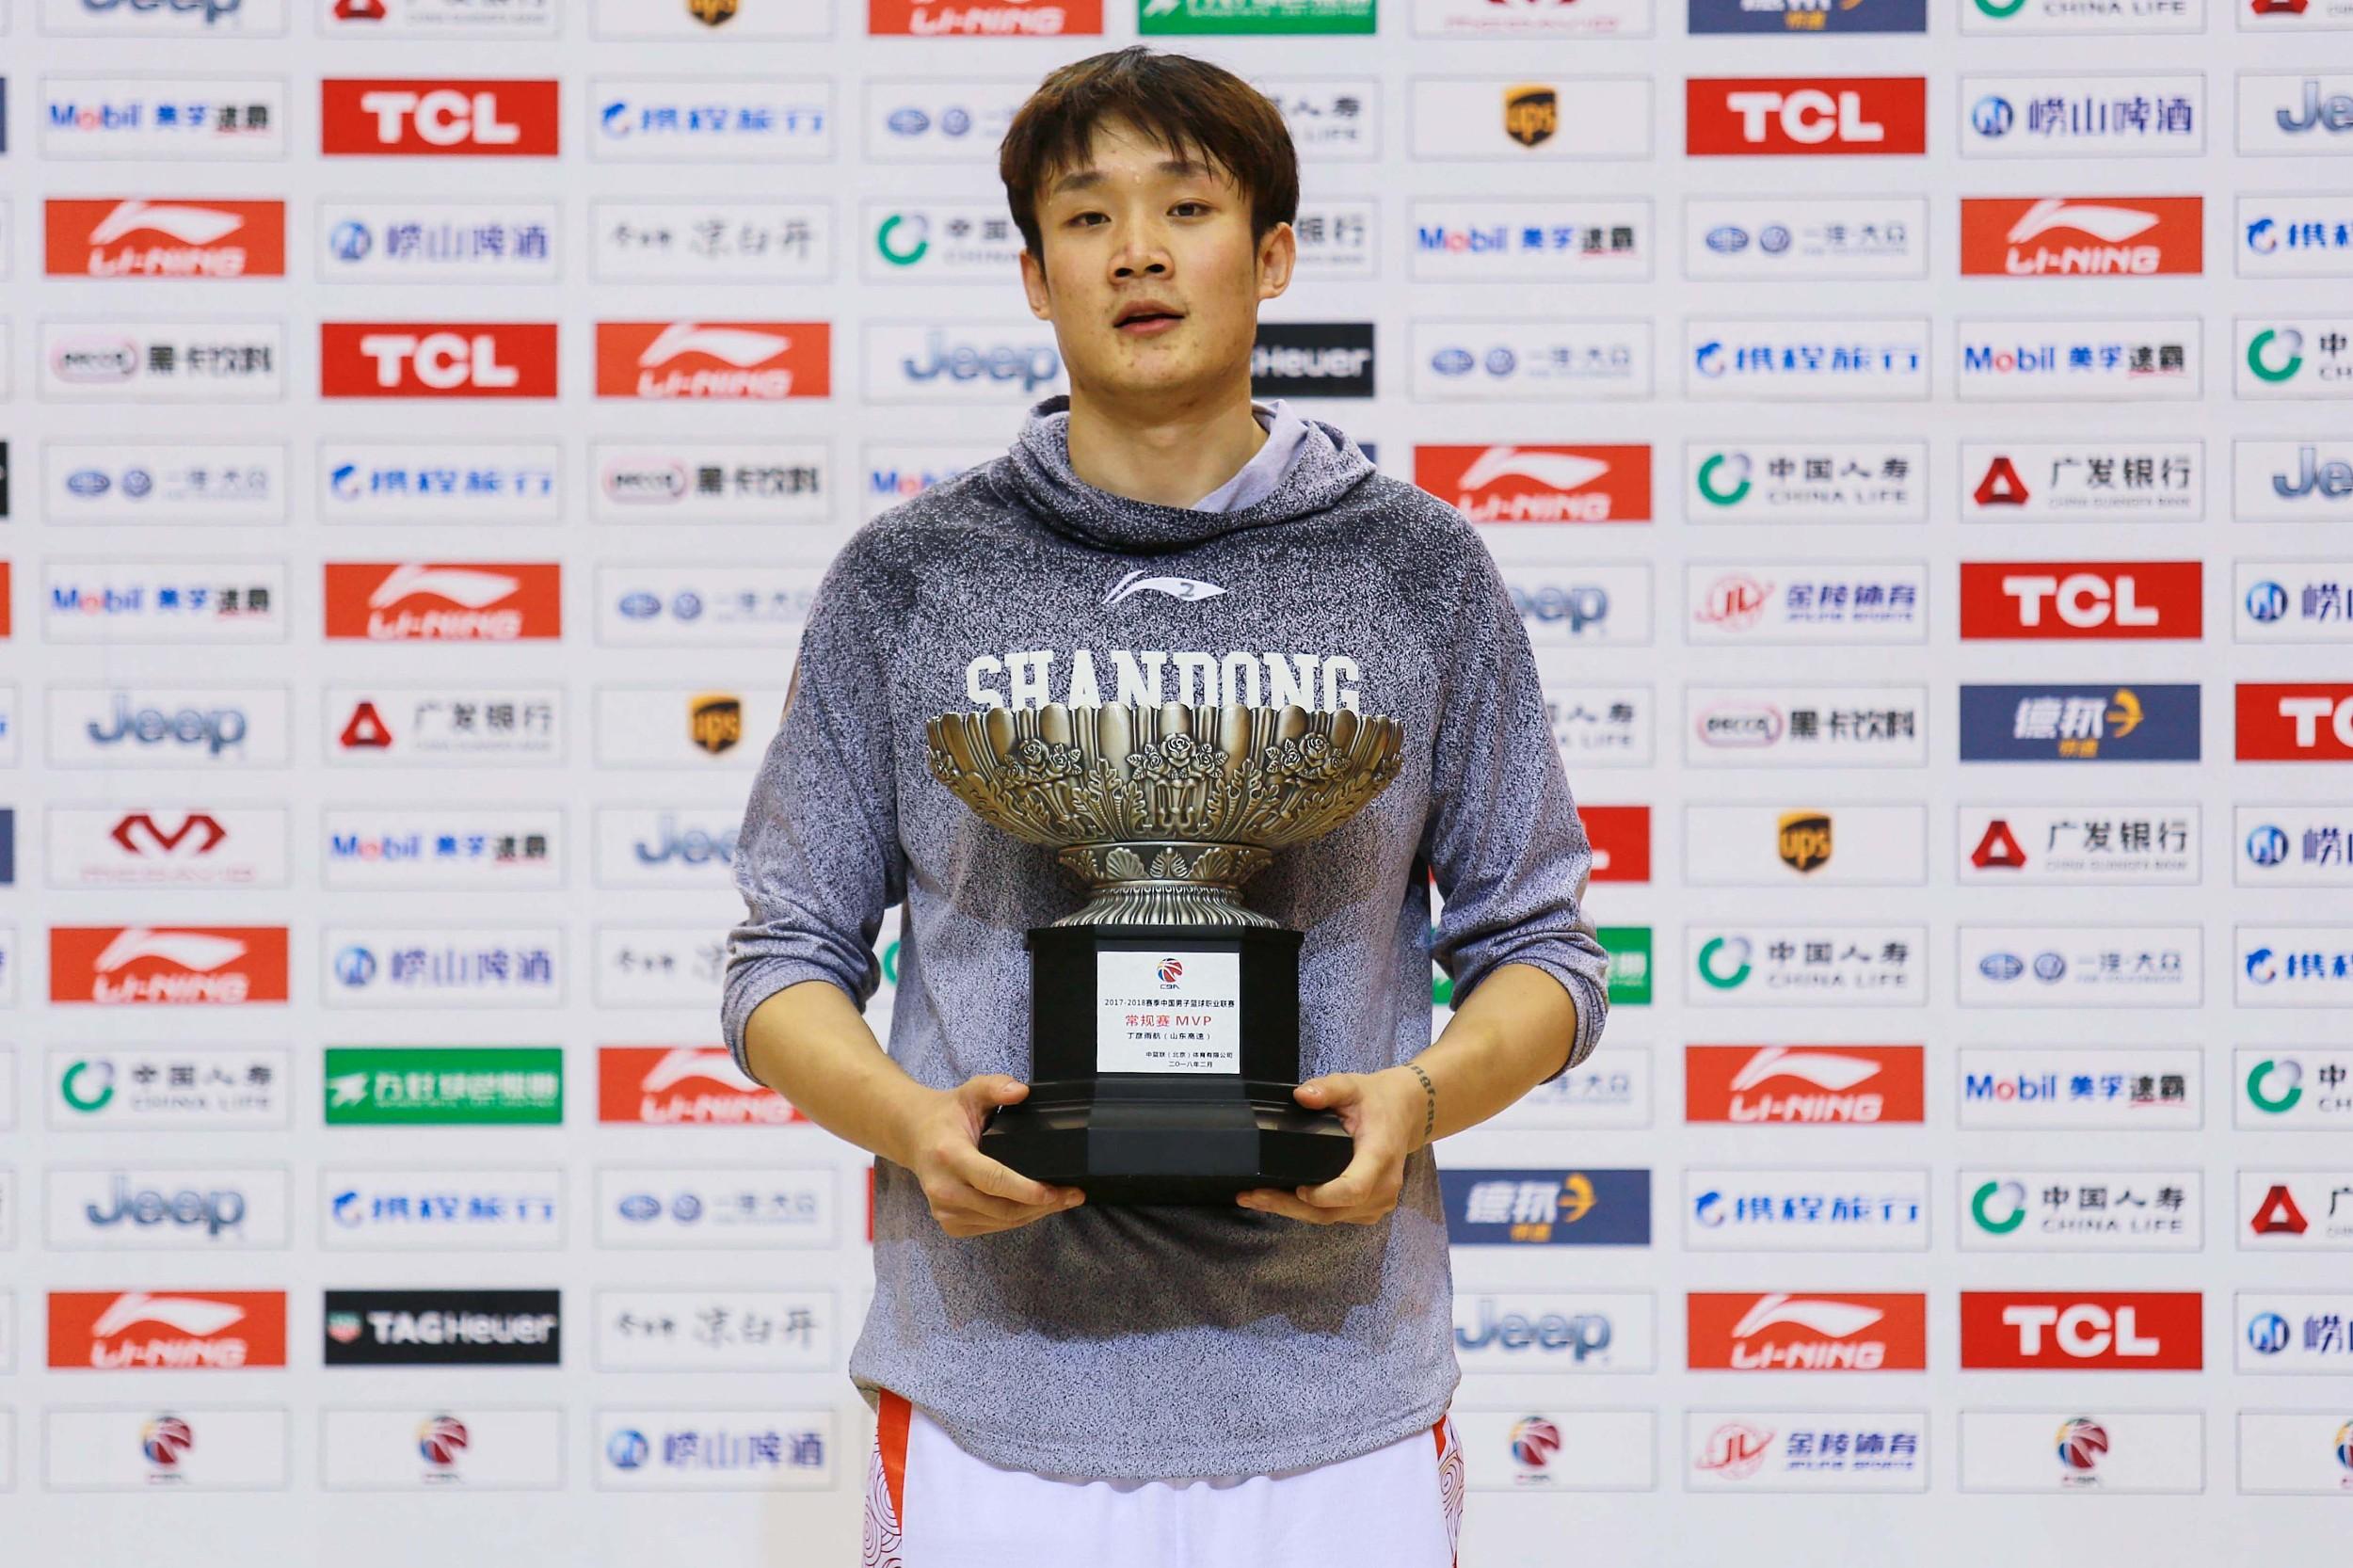 小丁拿下联赛MVP。